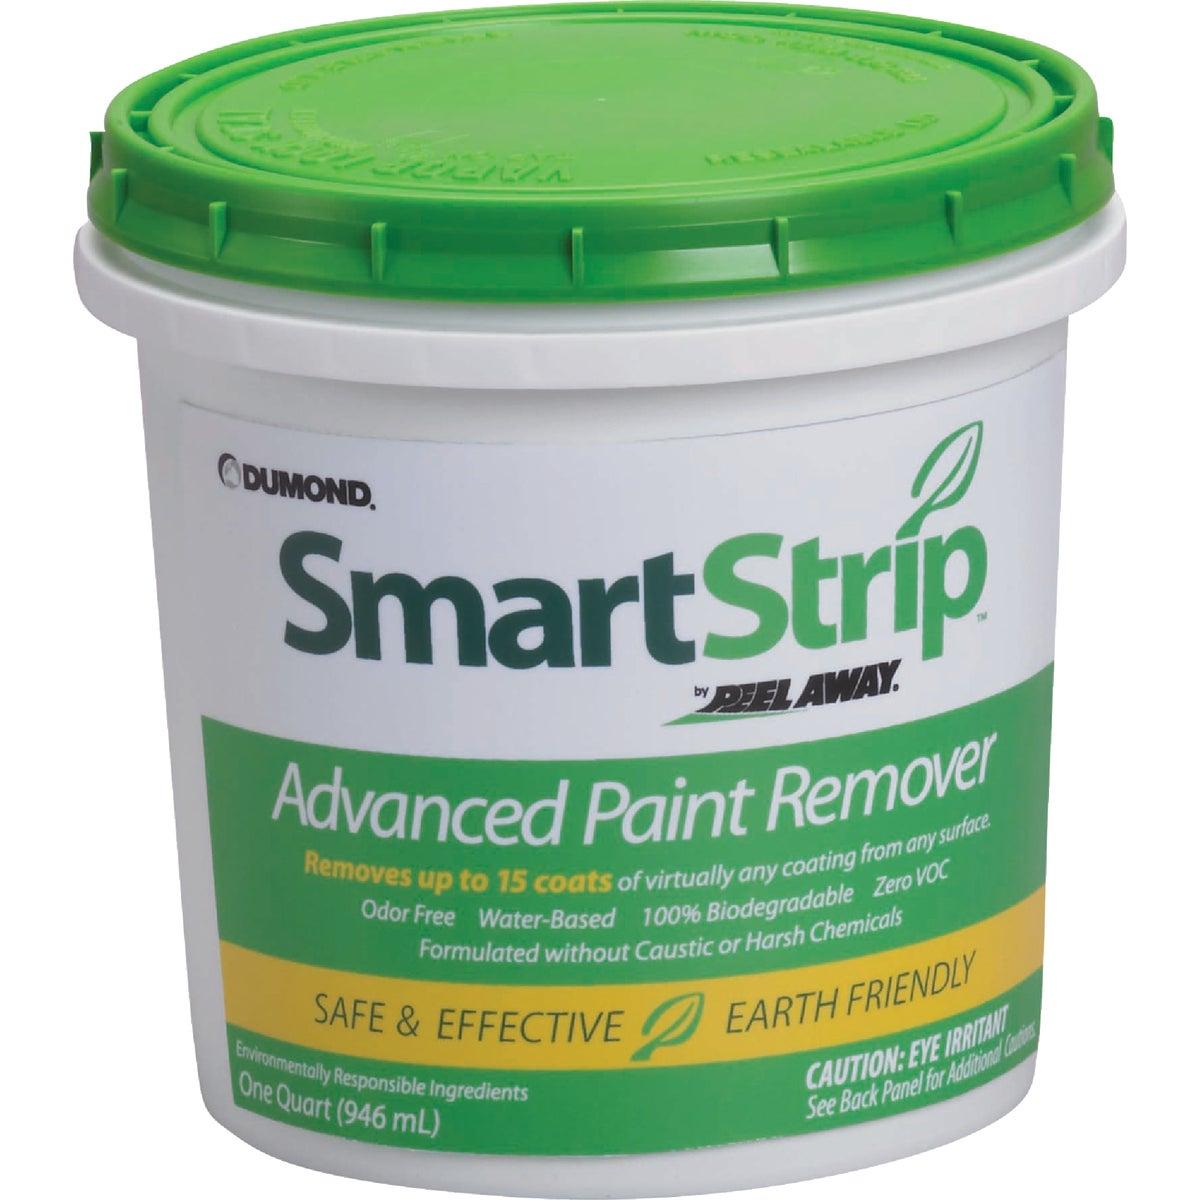 SMARTSTRP PAINT STRIPPER